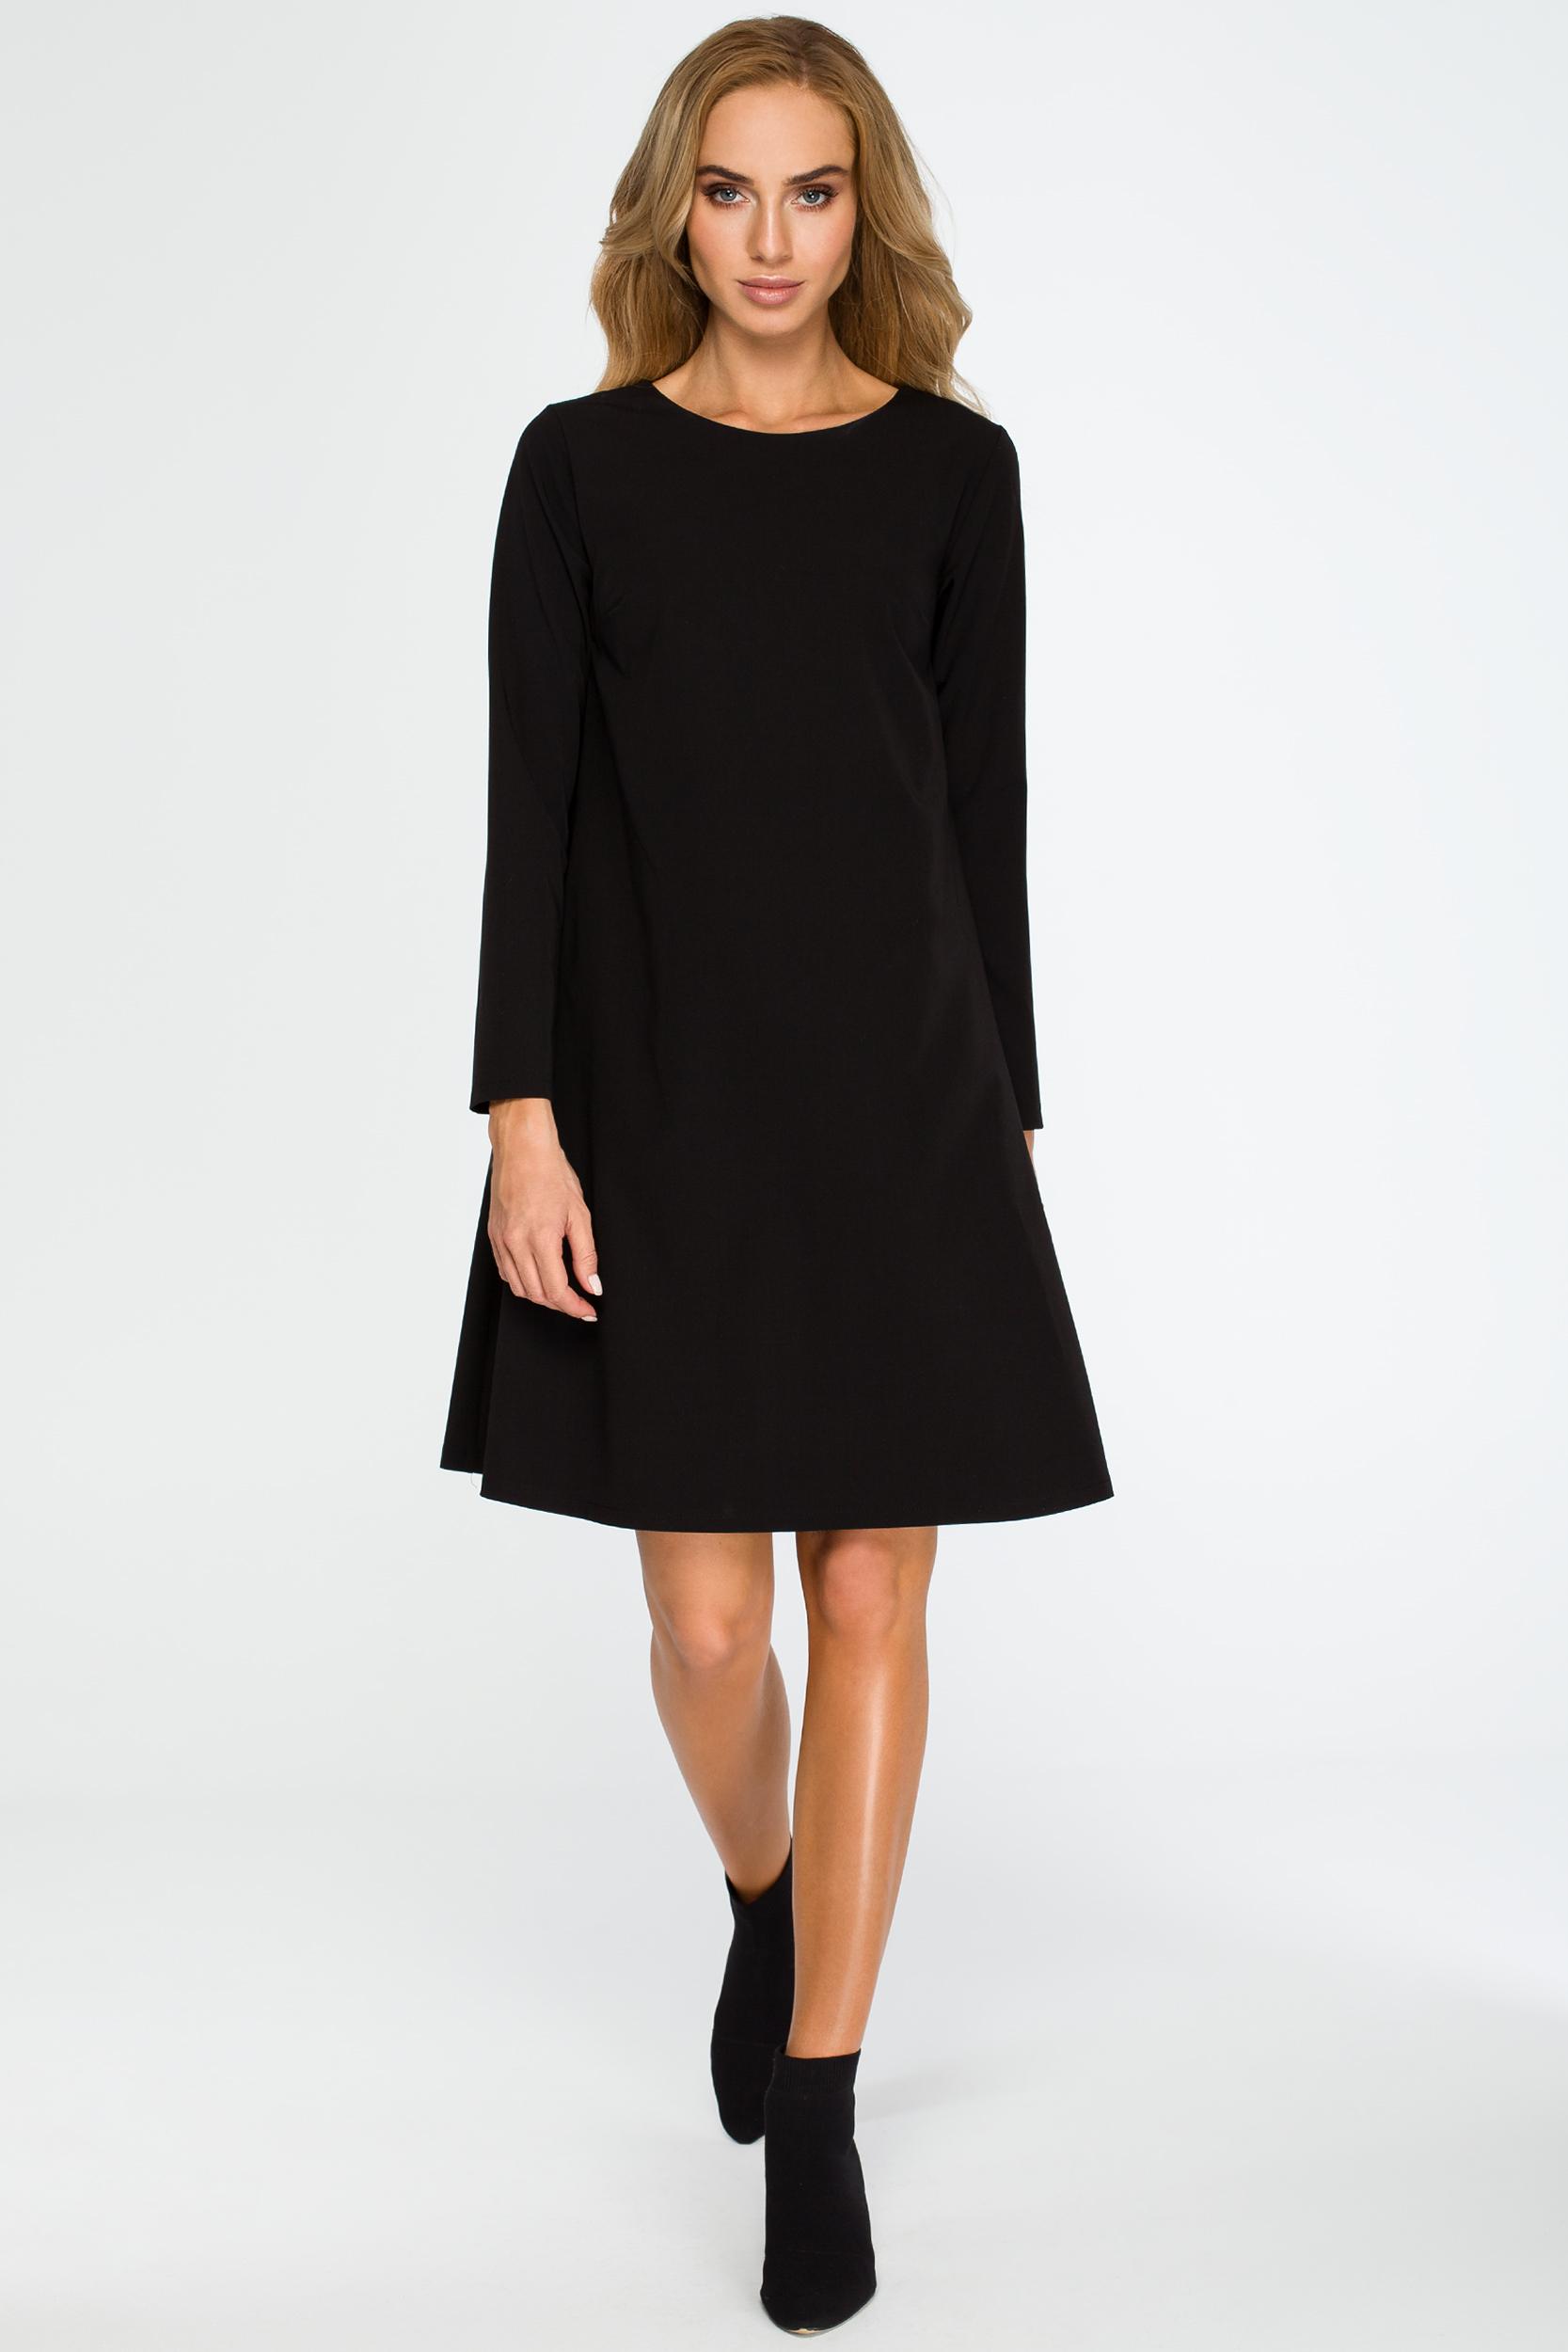 9b88b6eea8 CM4034 Rozkloszowana sukienka mini z długim rękawem - czarna ...